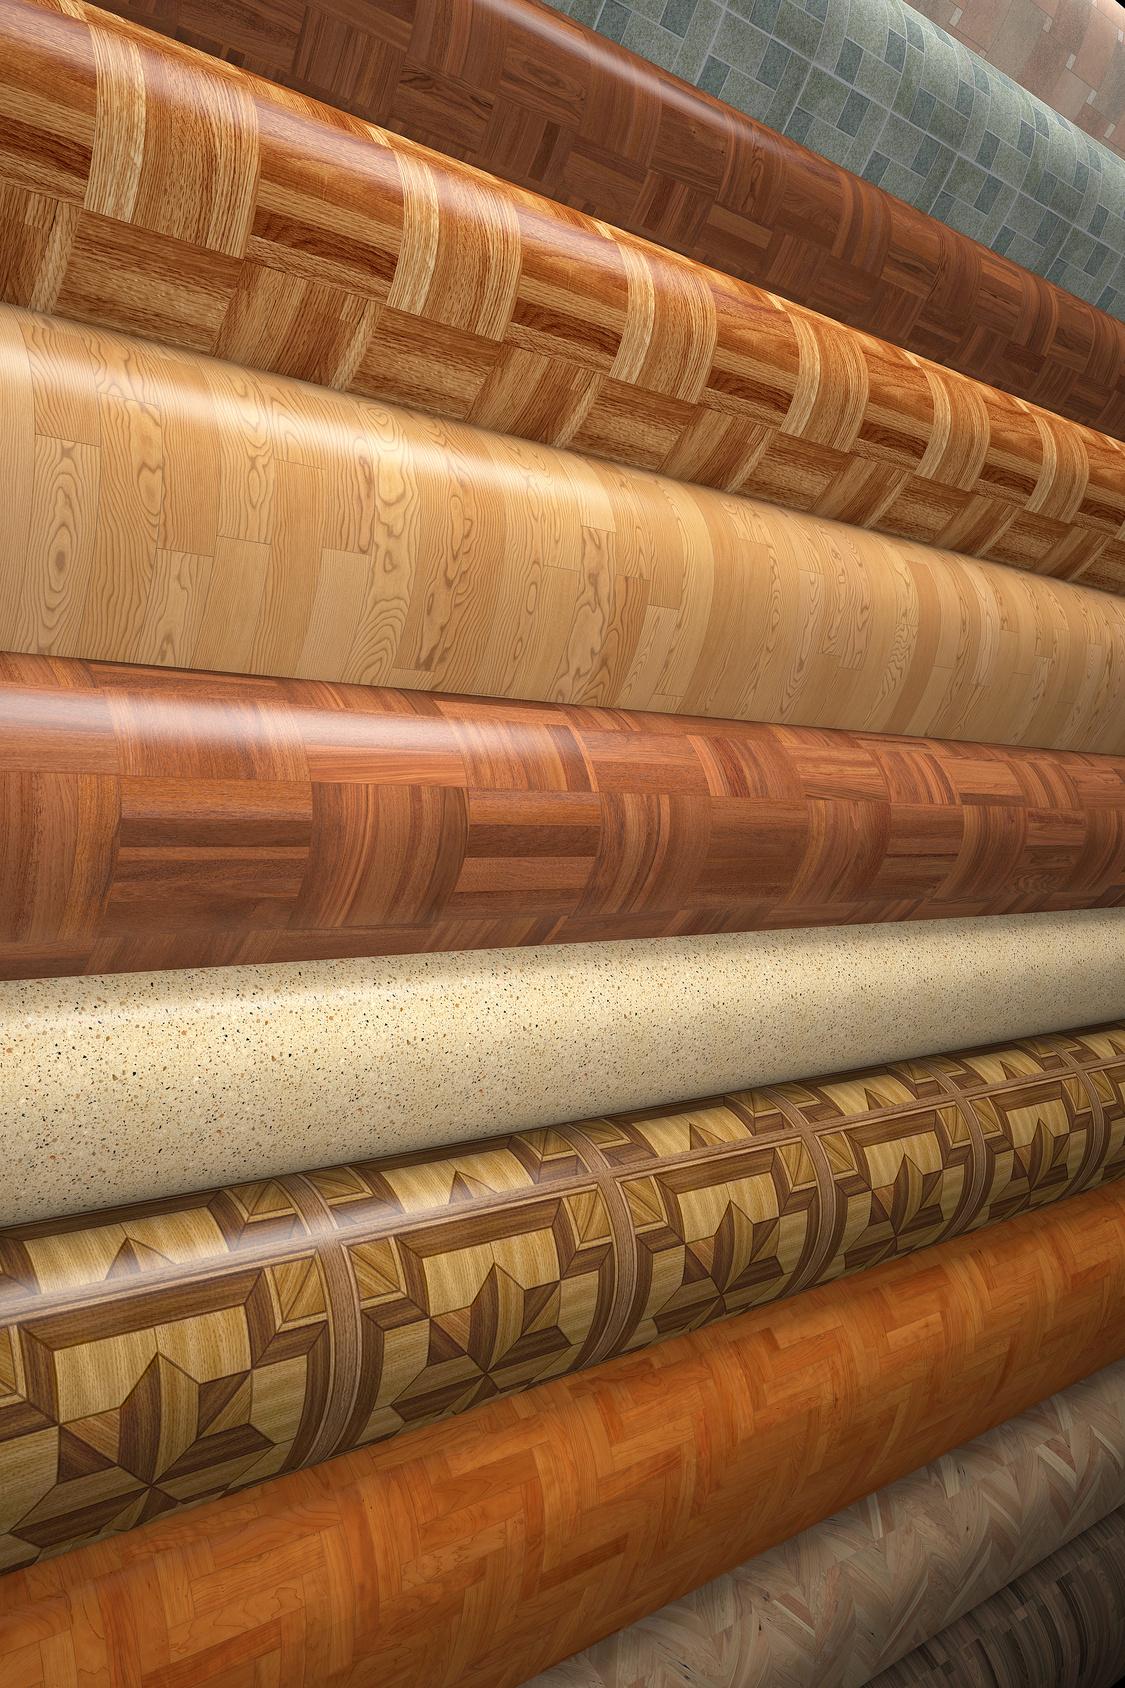 elastische bodenbeläge - vielfalt in material und design - stefan